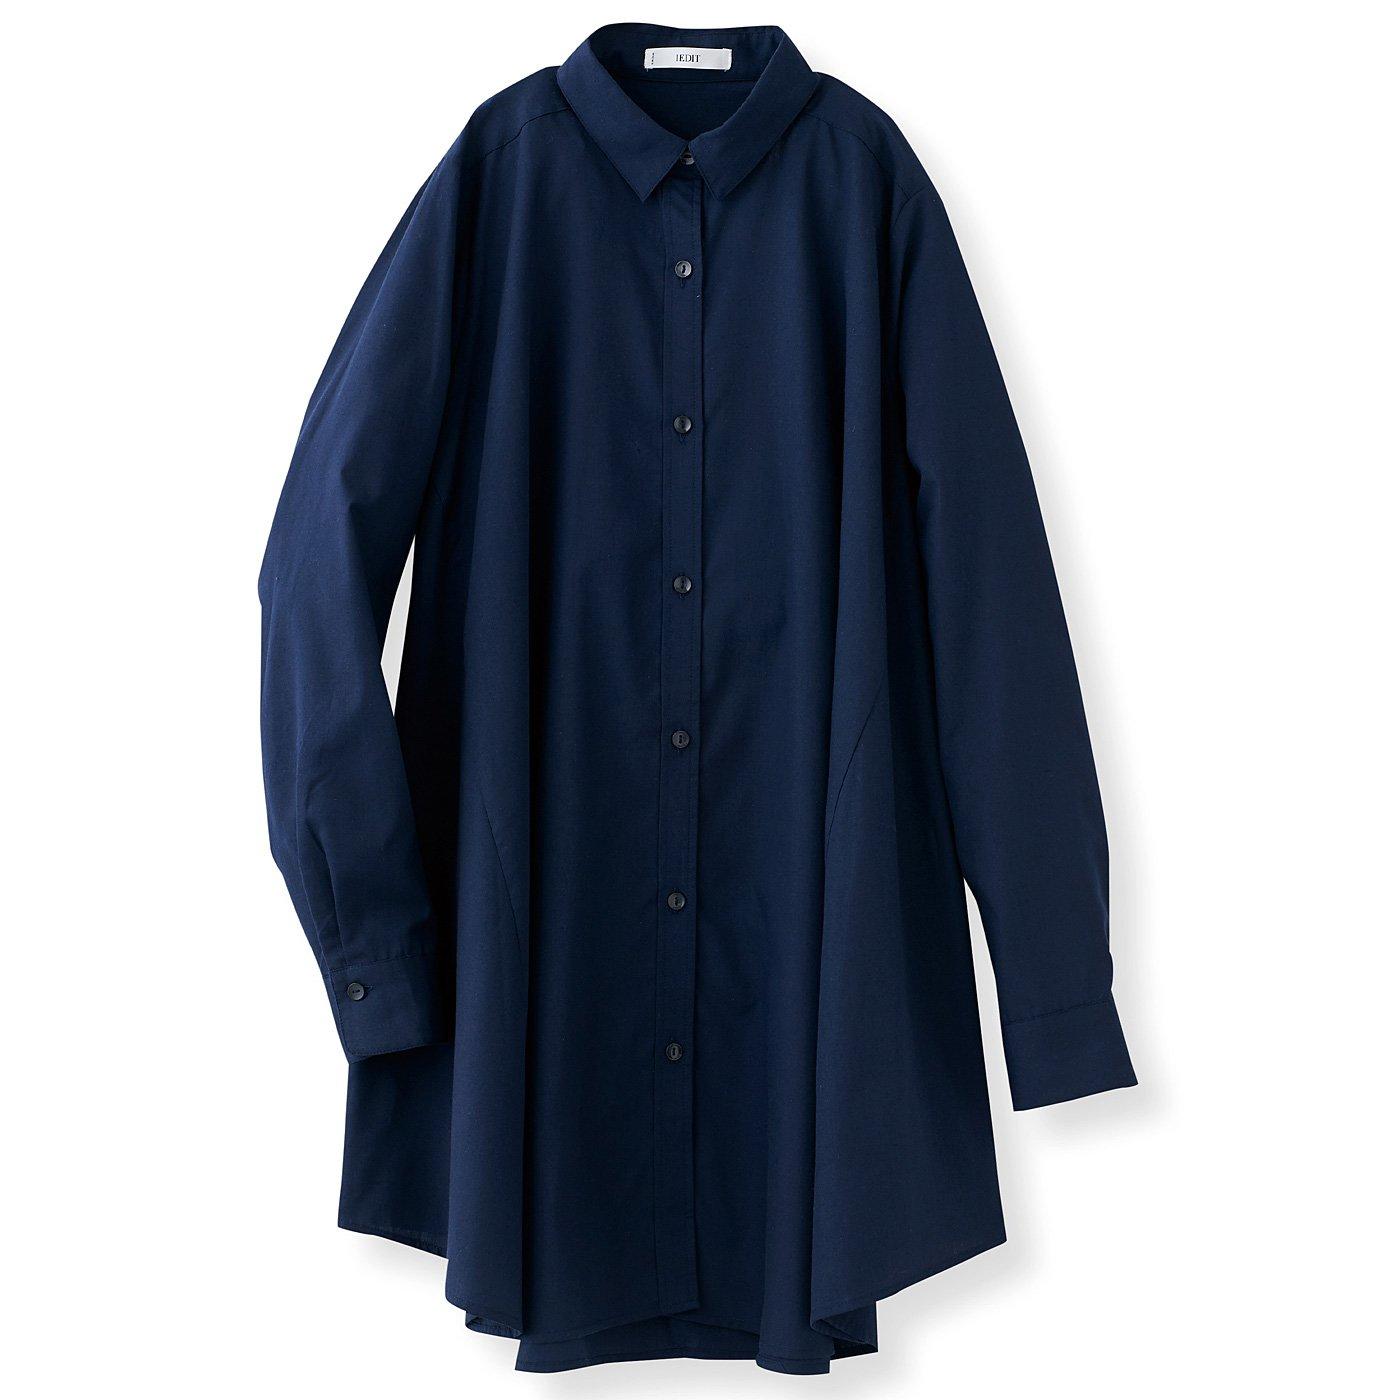 DRECO by IEDIT たっぷりフレアーが印象的な Aラインシャツチュニック〈ネイビー〉